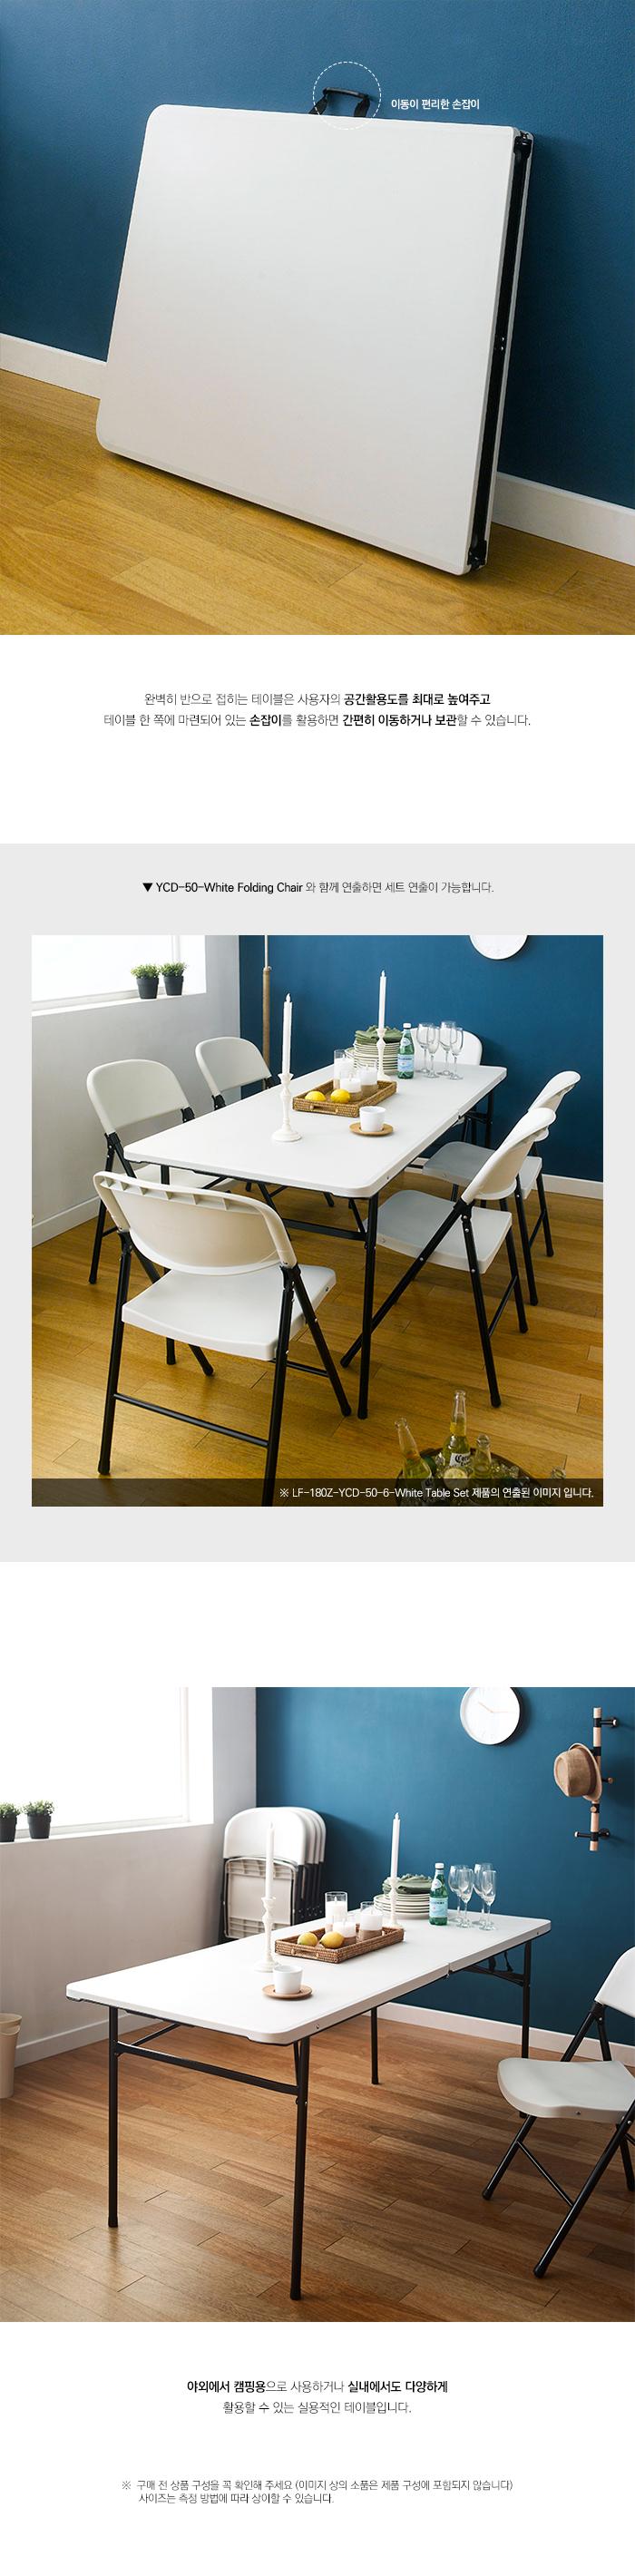 LF-180Z-White_Folding_Table_180423-03.jp